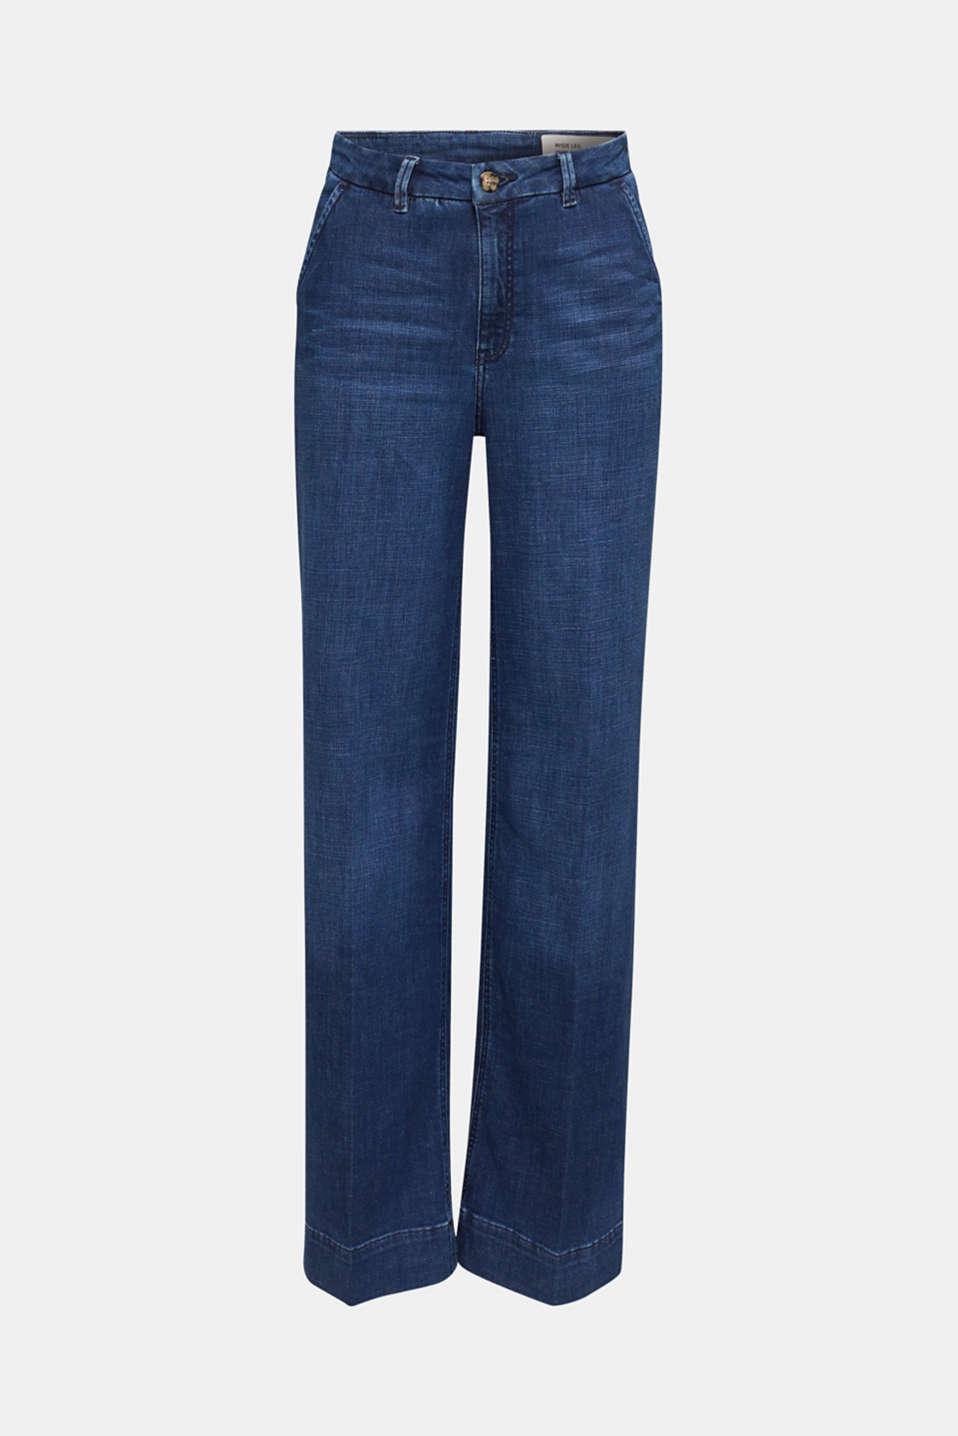 Jeans, BLUE DARK WASH, detail image number 6